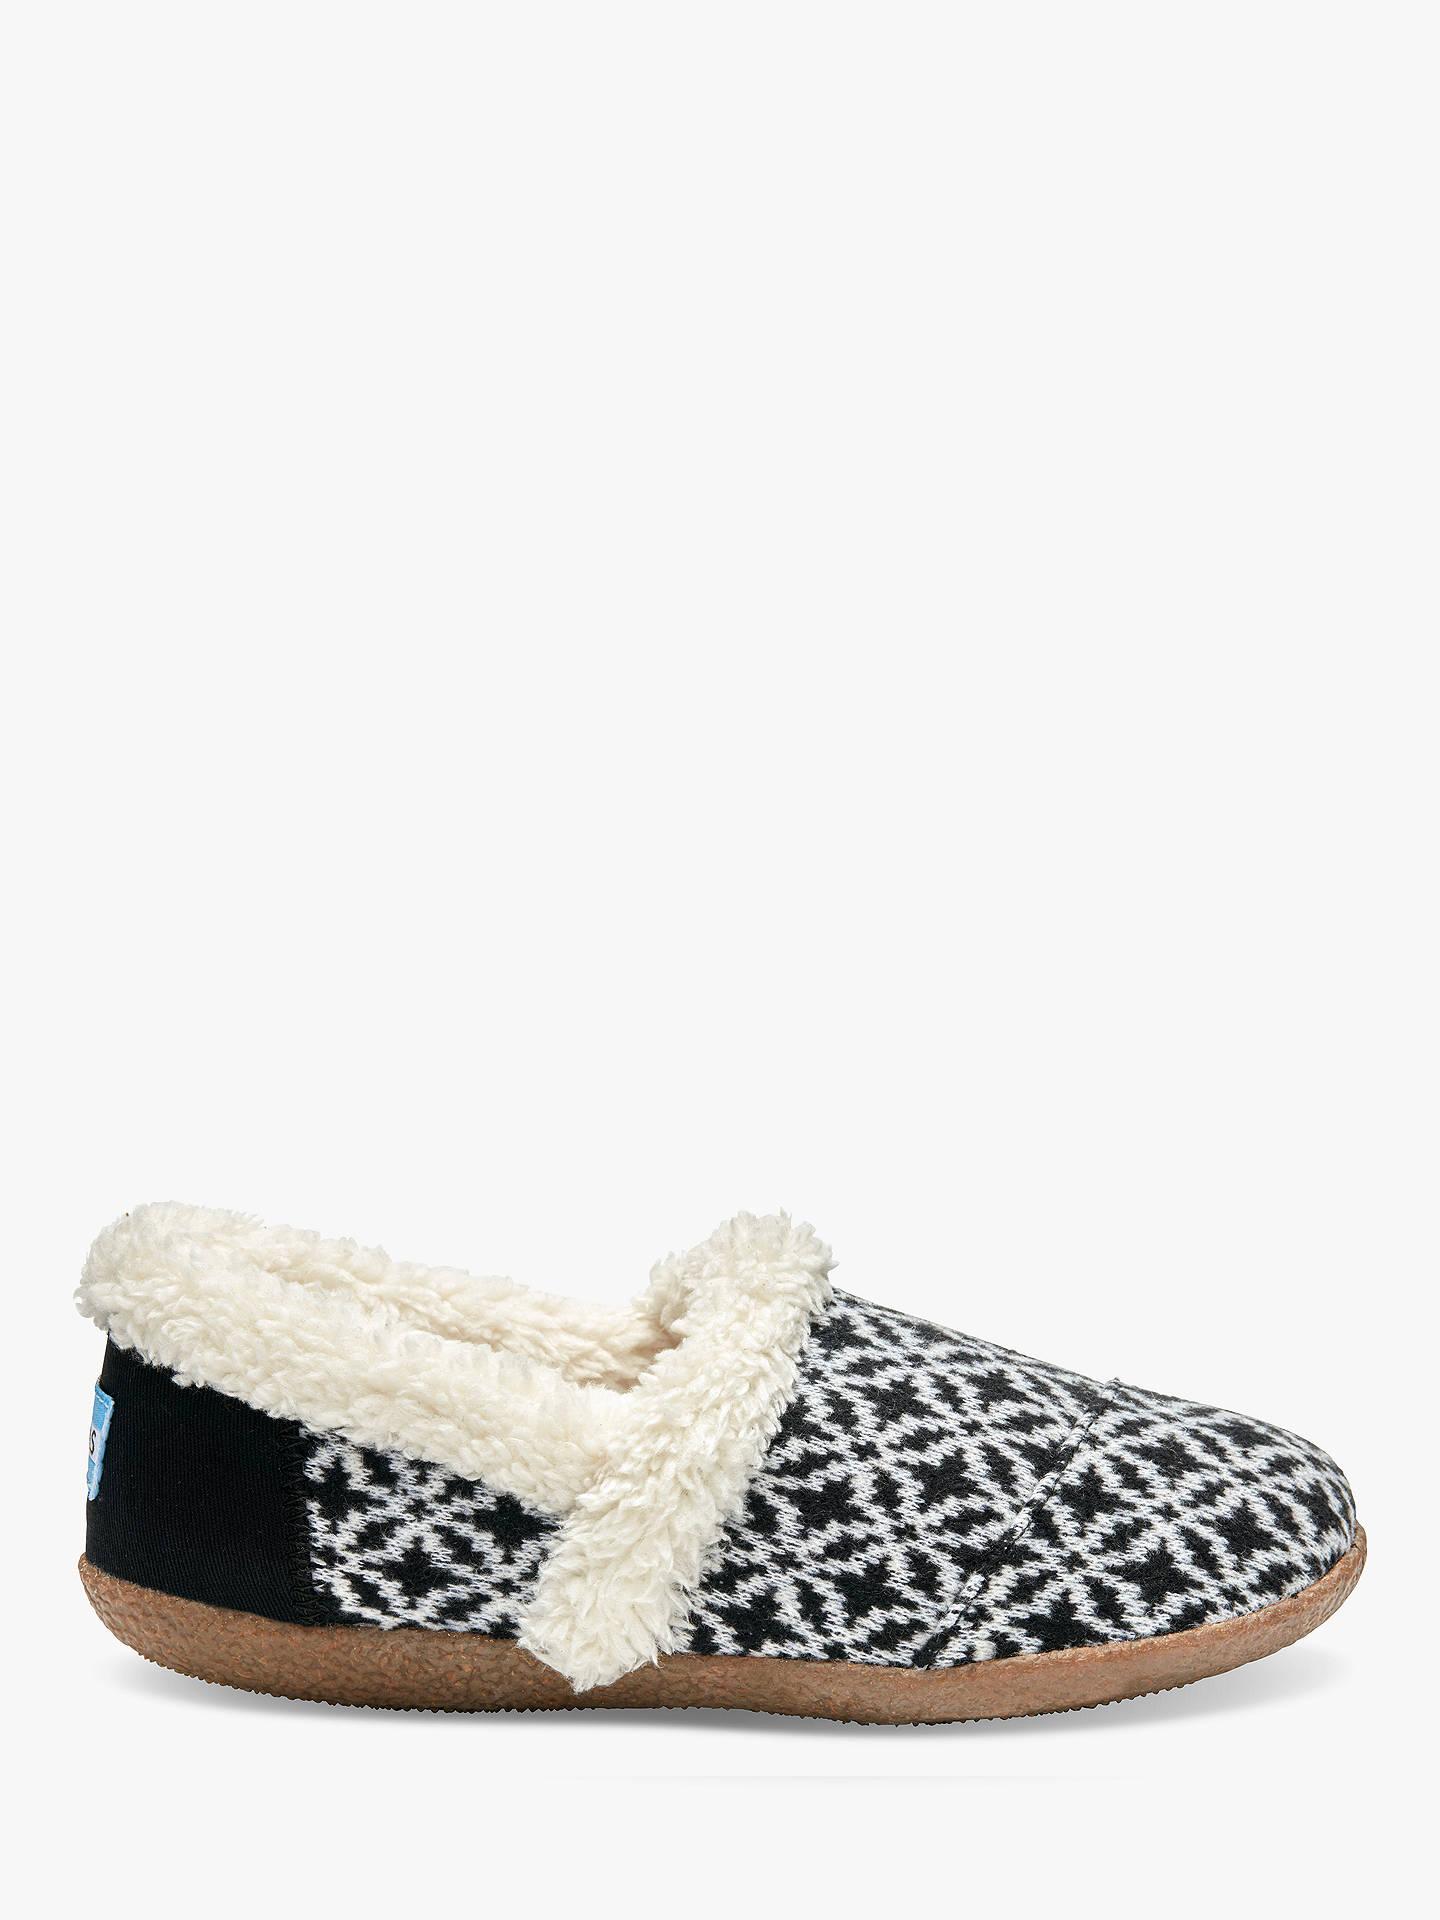 268b627a3b4 Buy TOMS Fair Isle Slippers